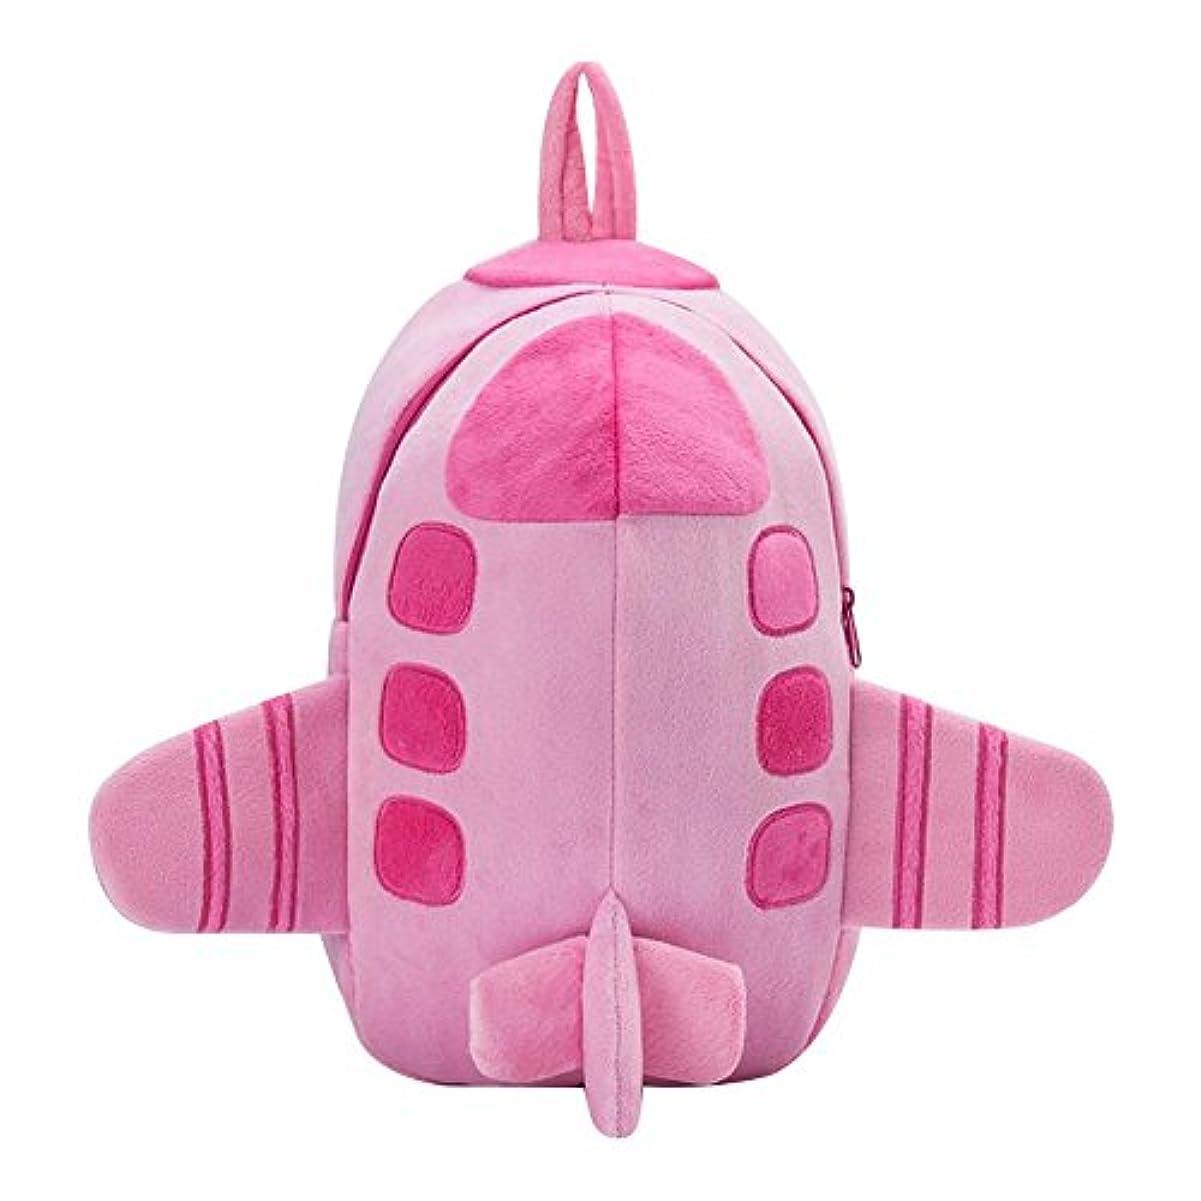 遺伝子友情推測するPadgene 飛行機型 キッズ カバン バック バックパック リュックサック 軽量 通学 遠足 旅行 誕生日 お祝い プレゼント